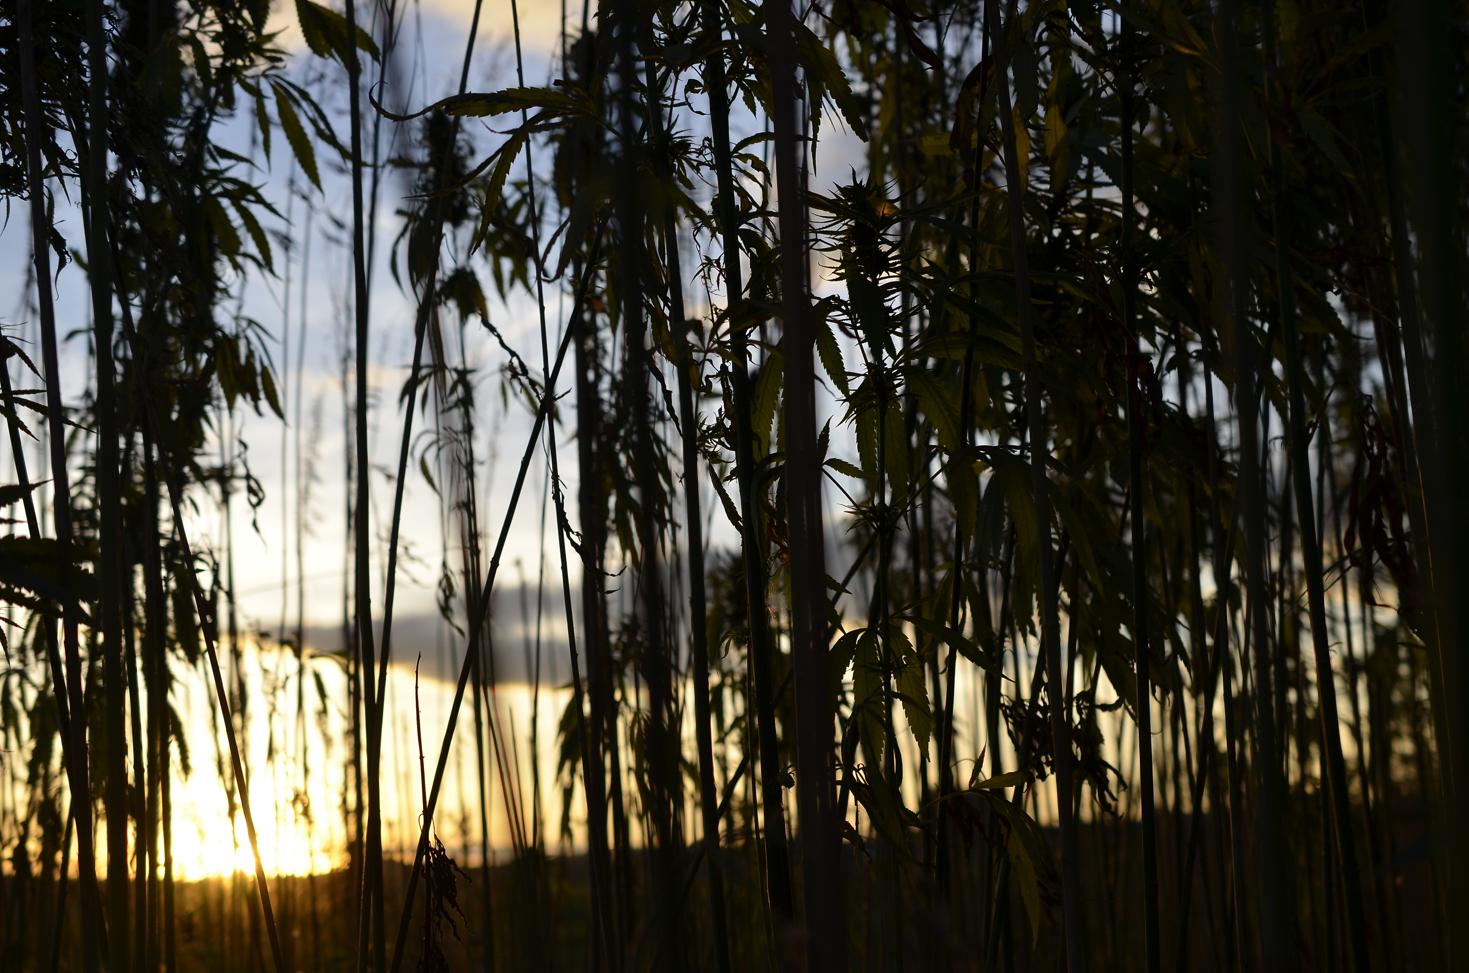 Technické konopí při západu slunce kdesi v České republice. Foto: Tereza Jirásková